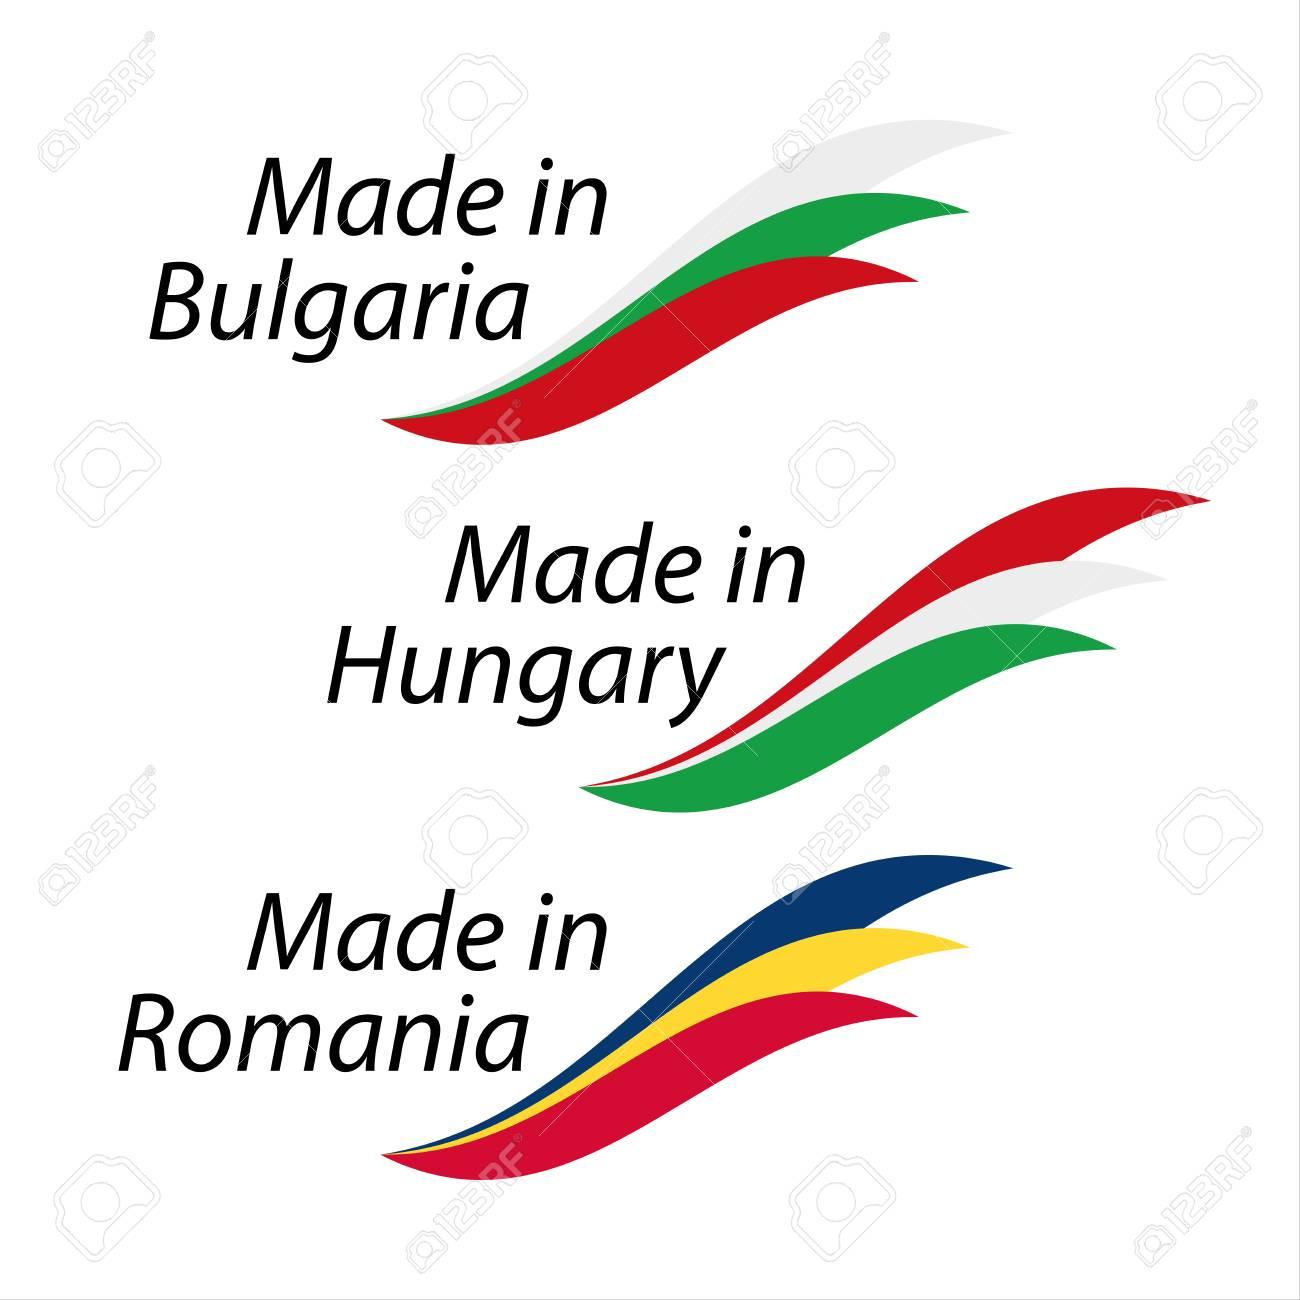 ブルガリア、ハンガリーで作られ...